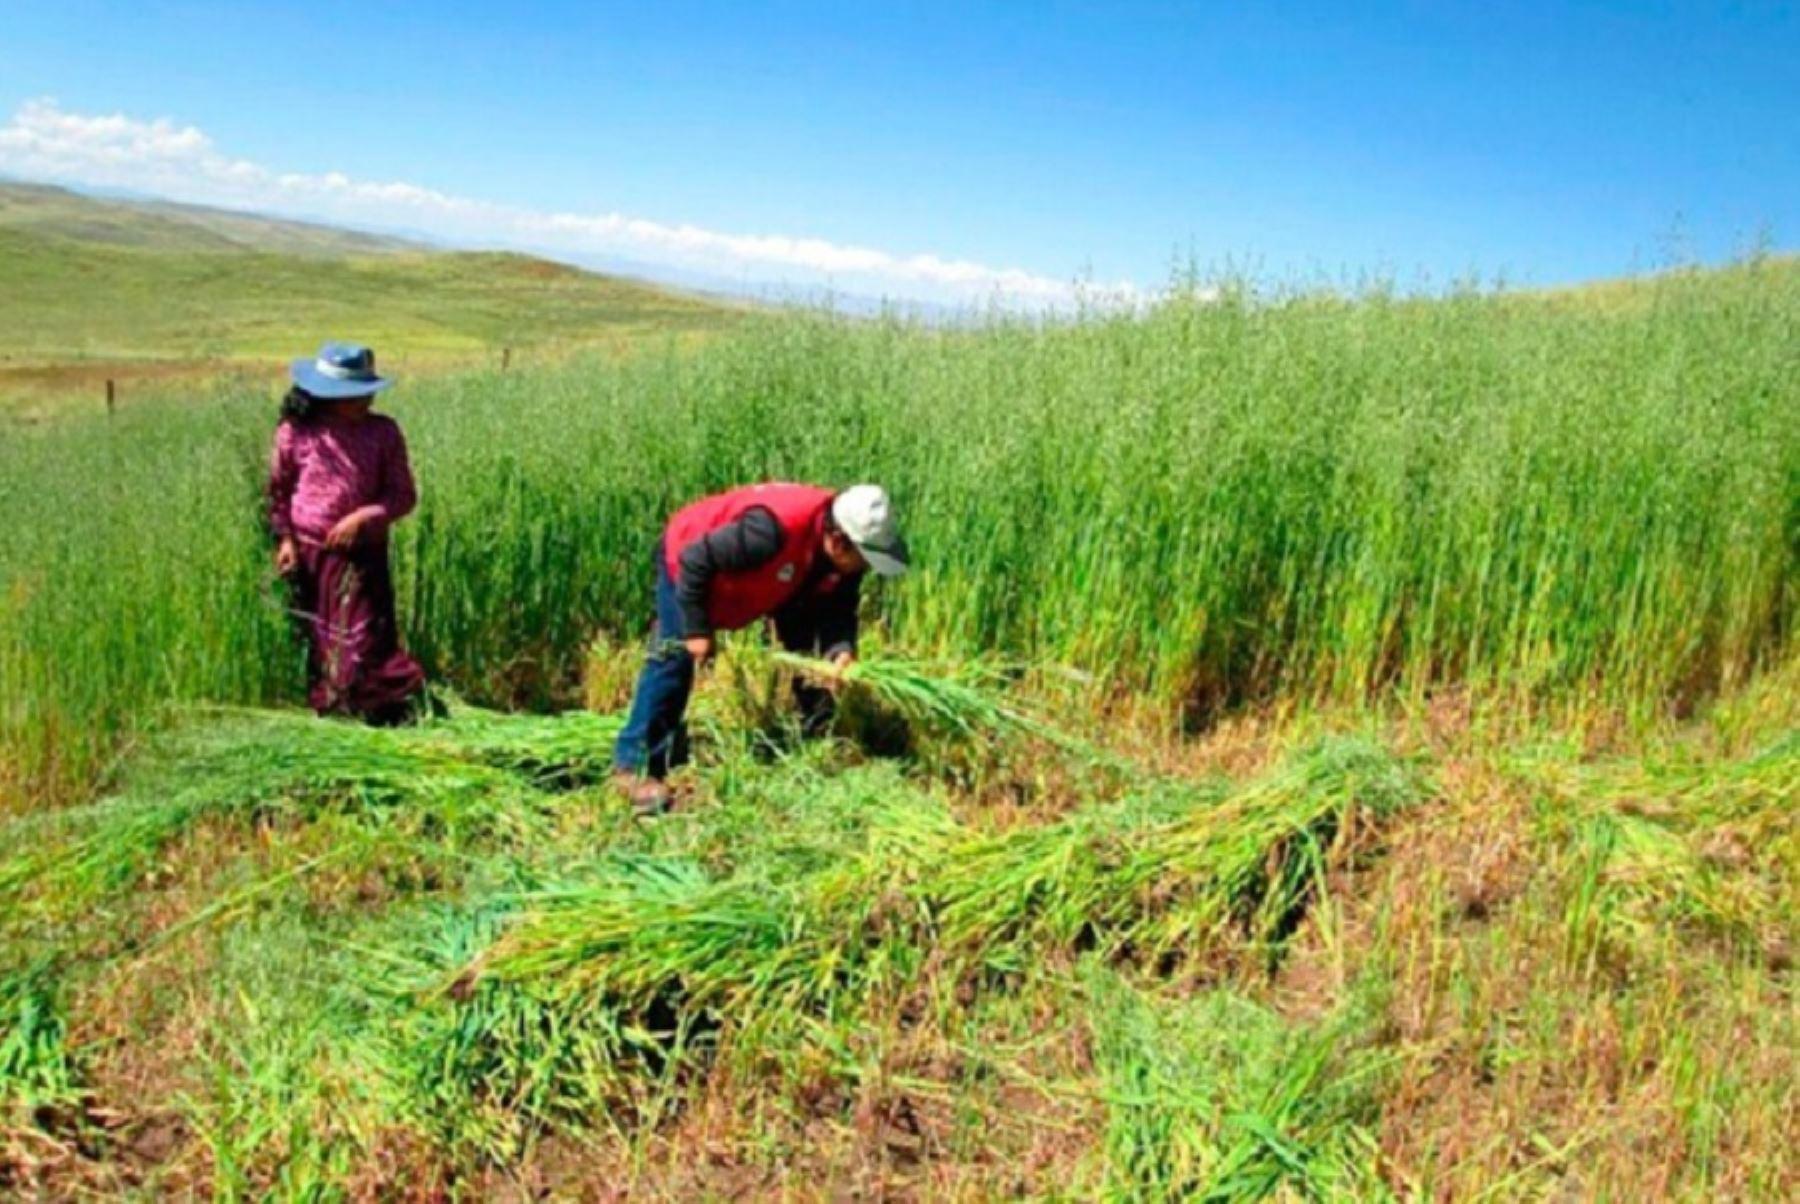 La campaña de siembra de pastos y forrajes de Agro Rural es una actividad que se ejecuta todos los años a escala nacional. Foto: ANDINA/Difusión